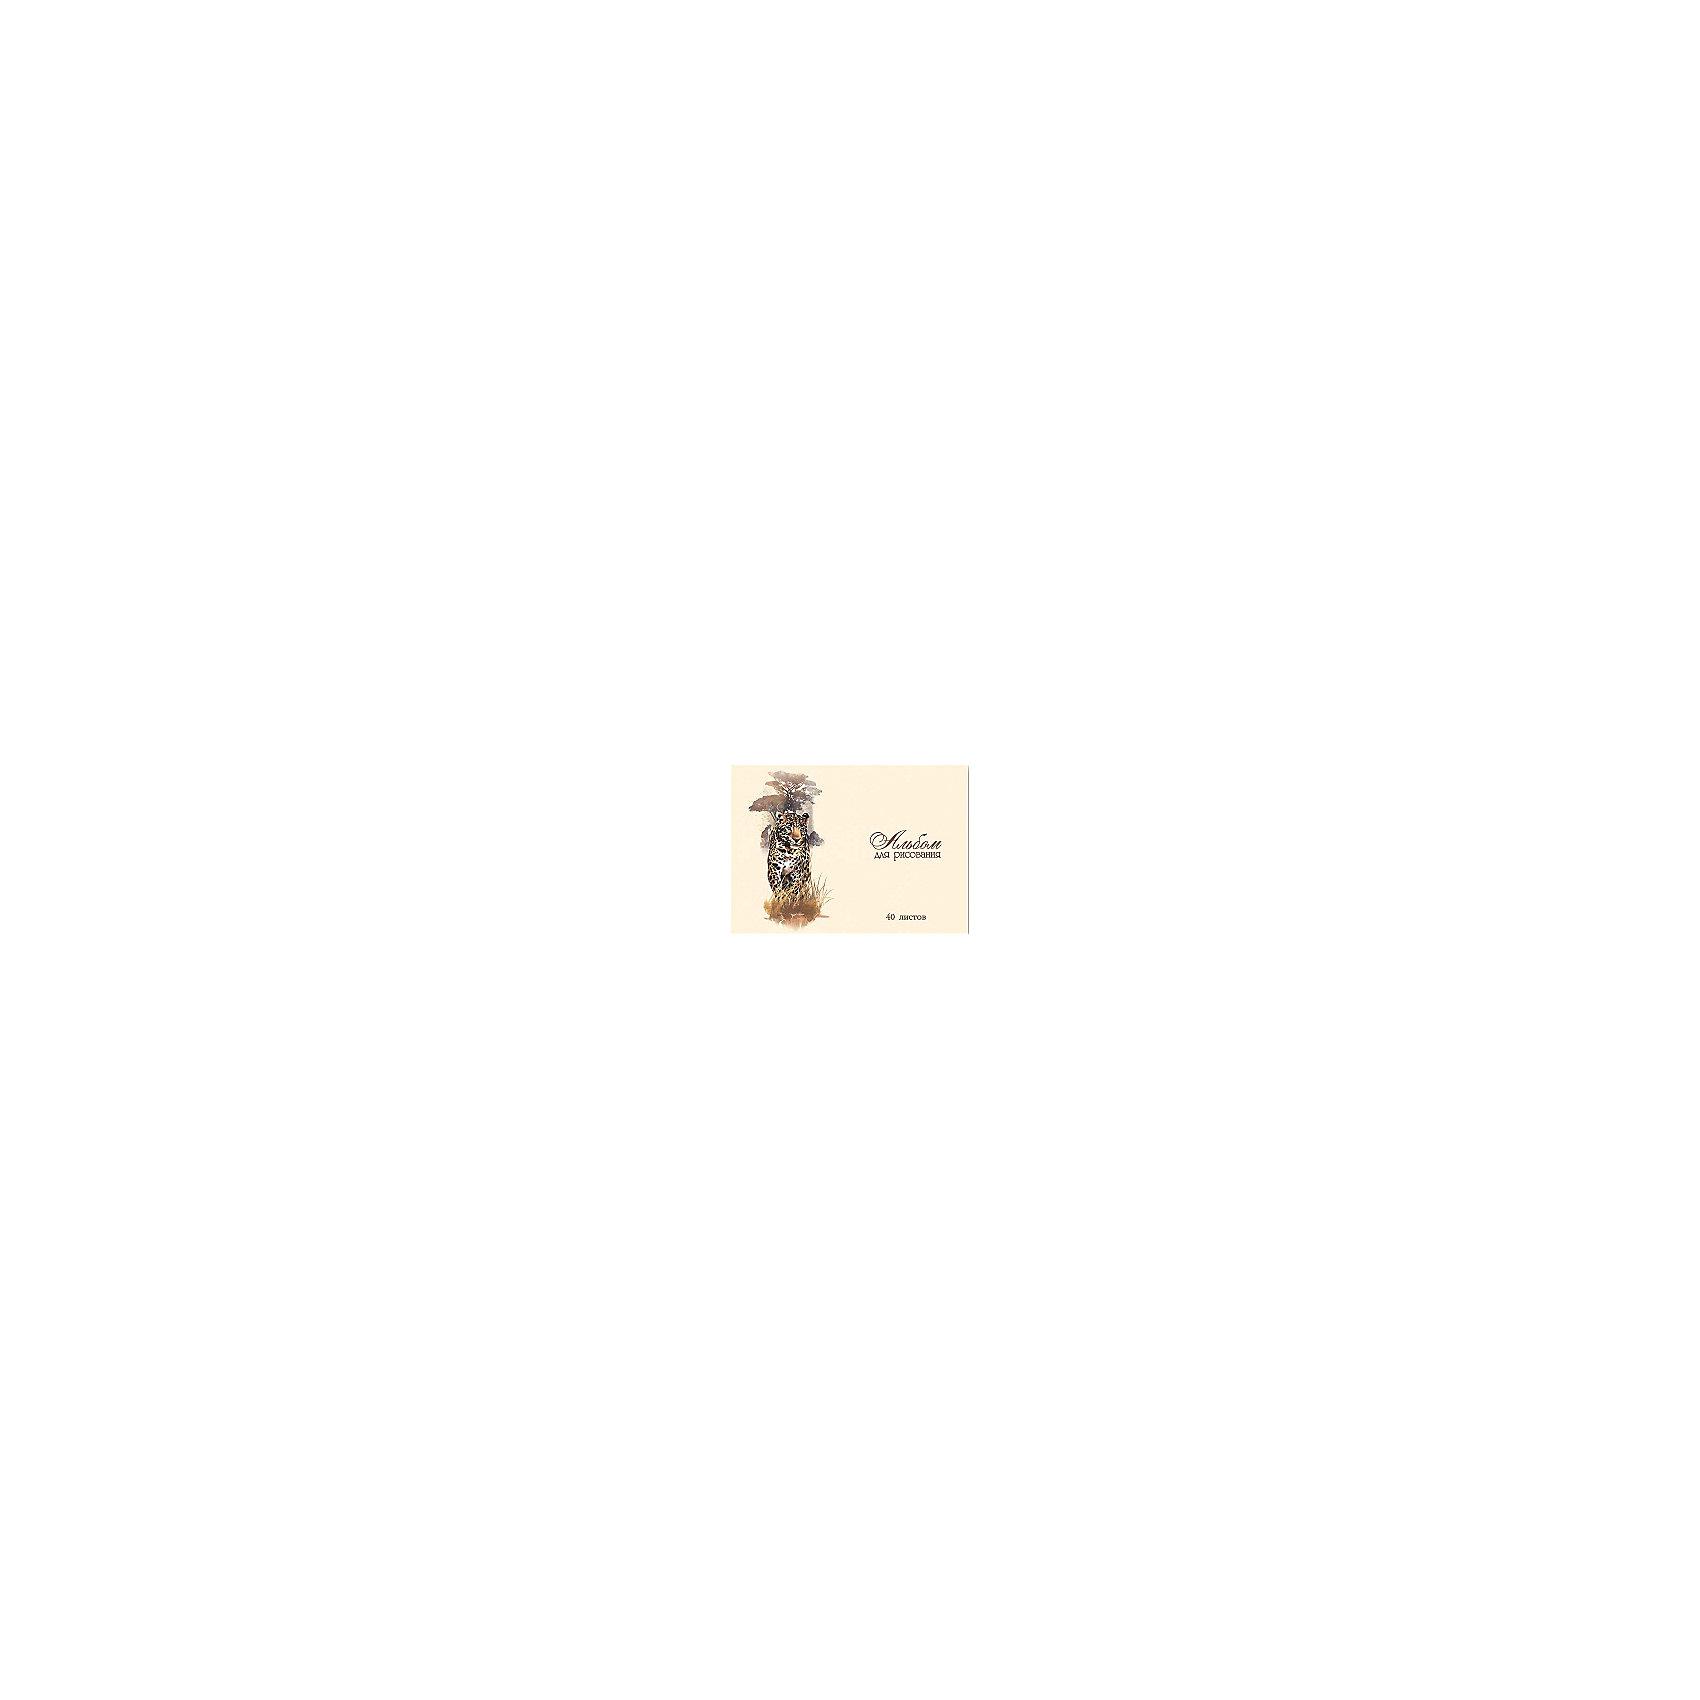 Альбом для рисования Гепард в траве, 40лБумажная продукция<br>Скоро 1 сентября, а значит Вашему ребенку обязательно понадобиться альбом для рисования!<br><br>Дополнительная информация:<br><br>- Возраст: от 3 лет.<br>- 40 листов.<br>- Орнамент: гепард в траве.<br>- Формат: А4.<br>- Материал: бумага, картон.<br>- Размер упаковки: 29х20,5х0,6 см.<br>- Вес в упаковке: 265 г.<br><br>Купить альбом для рисования Гепард в траве можно в нашем магазине.<br><br>Ширина мм: 290<br>Глубина мм: 205<br>Высота мм: 6<br>Вес г: 265<br>Возраст от месяцев: 36<br>Возраст до месяцев: 2147483647<br>Пол: Унисекс<br>Возраст: Детский<br>SKU: 4943483